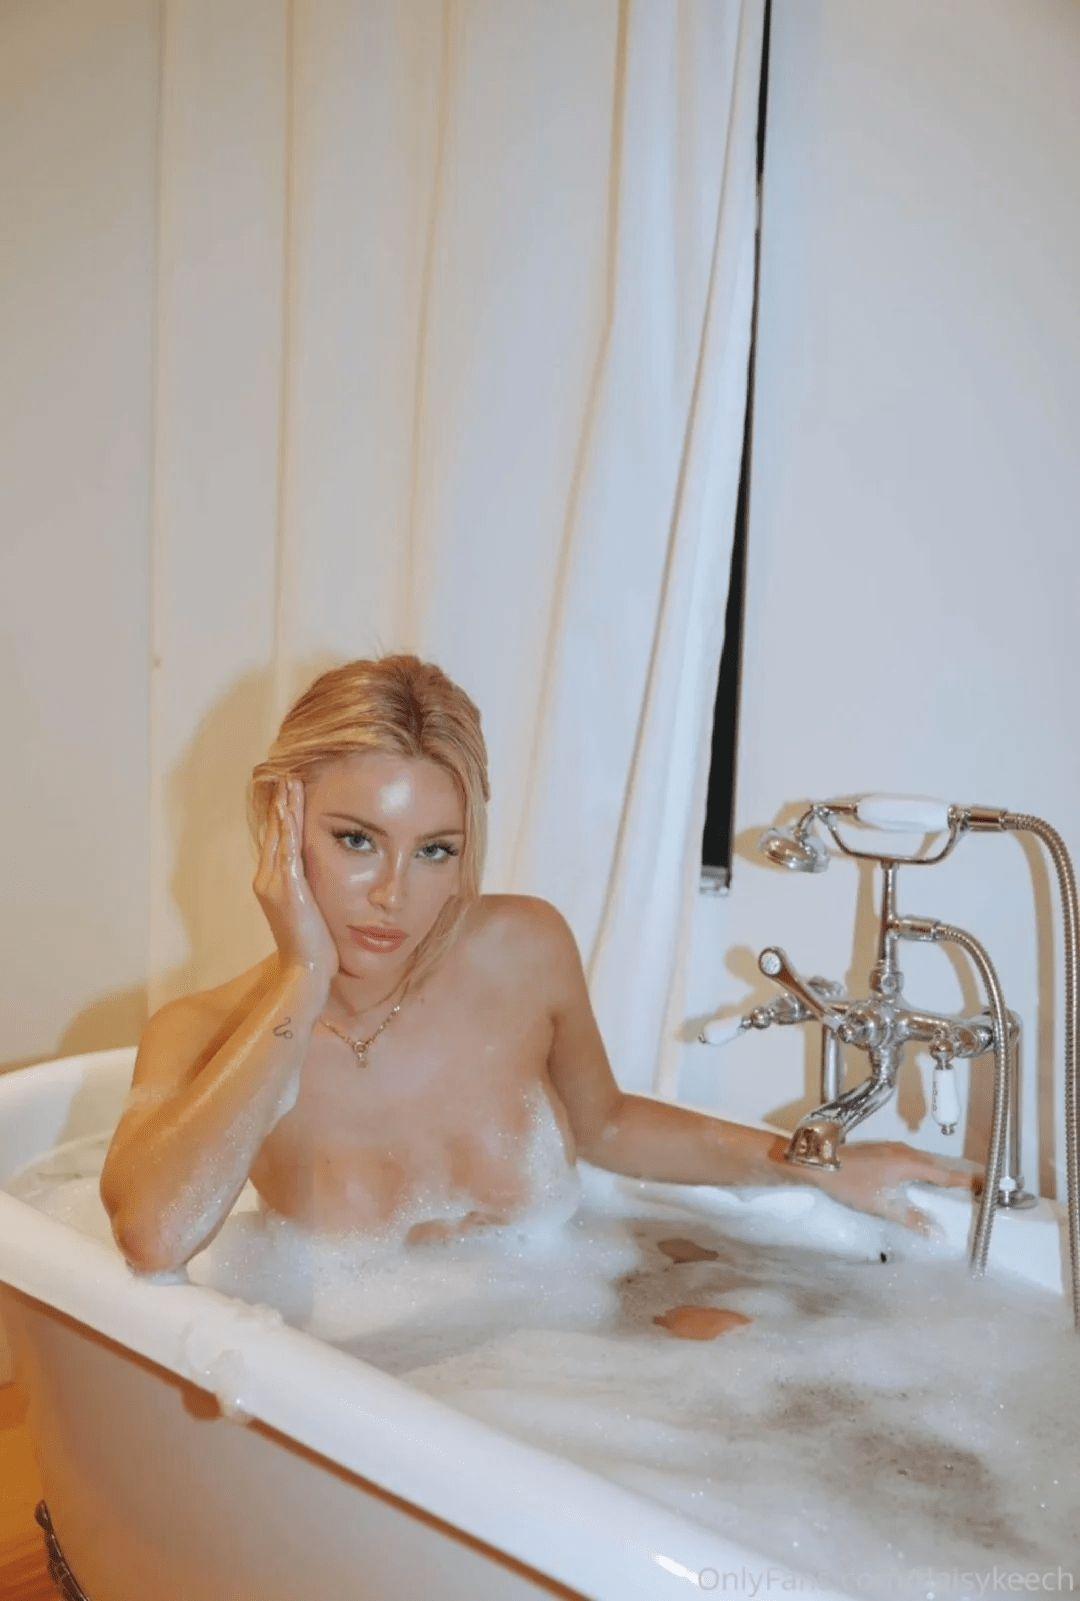 Daisy Keech Nude Bath 0004